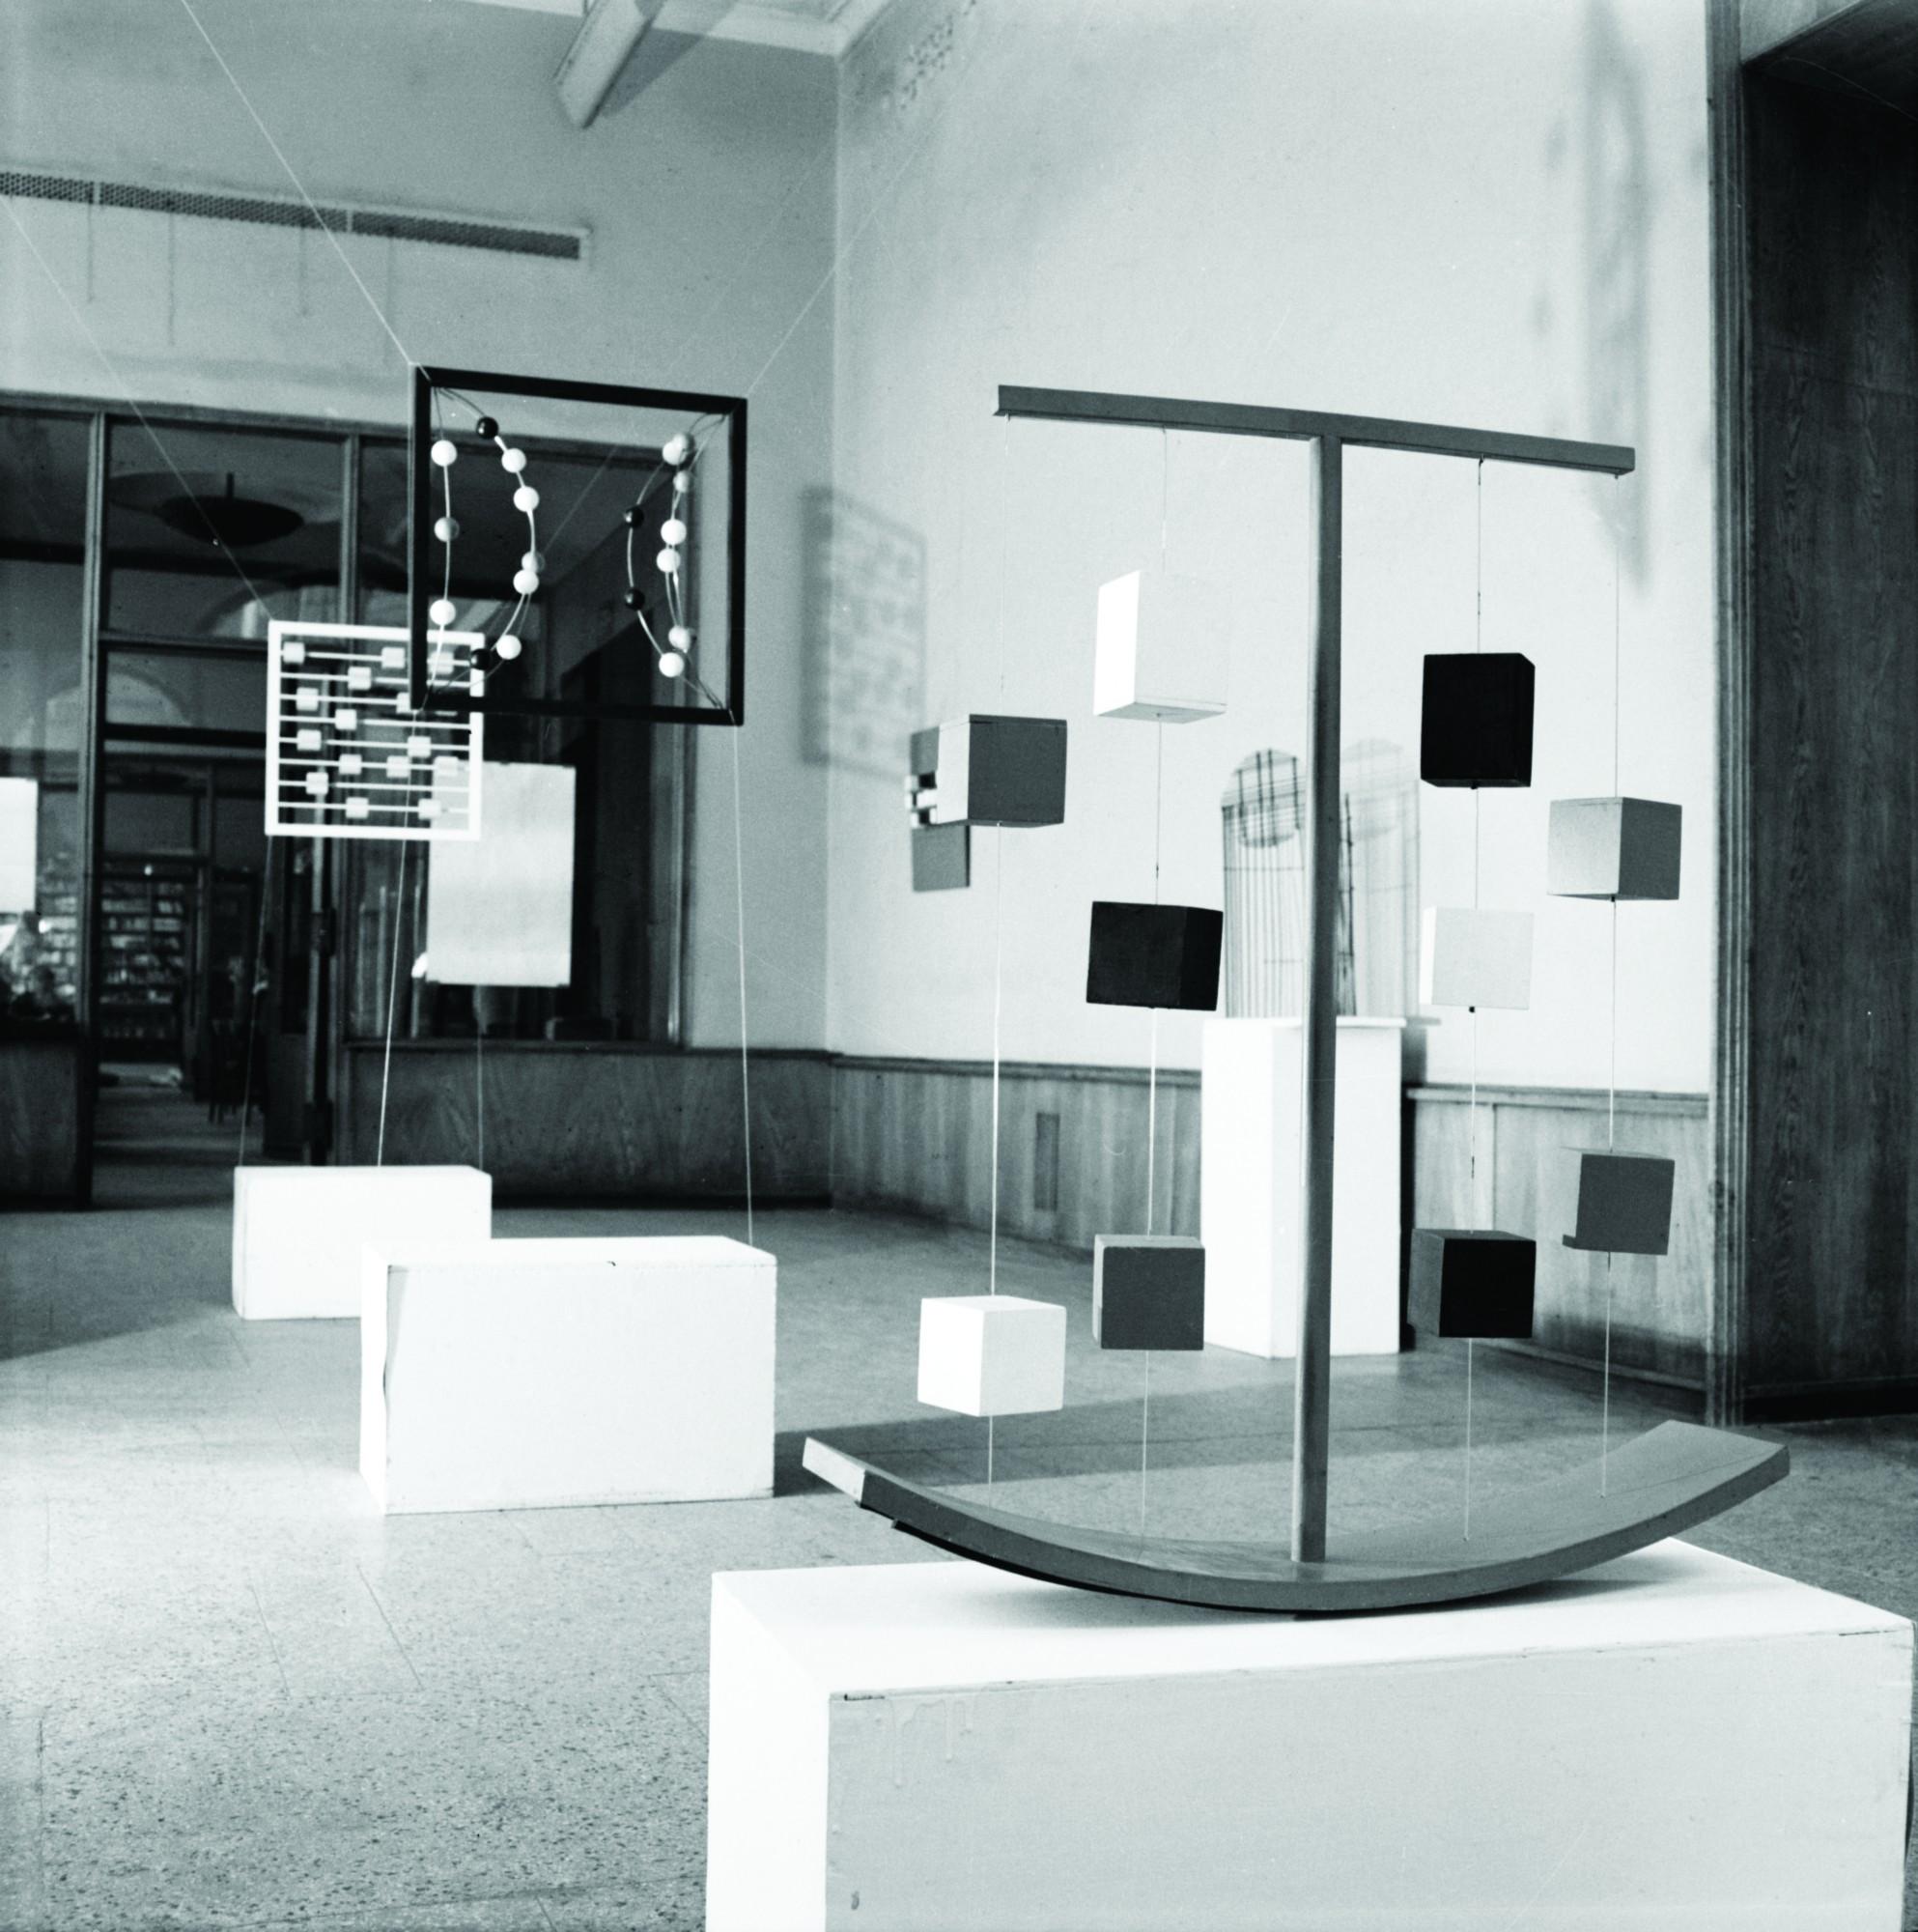 Wanda Gołkowska, widok wystawy, Galeria pod Moną Lisą, 1968, fot. Zdzisław Holuka ⓒ Muzeum Współczesne Wrocław (źródło: materiały prasowe organizatora)